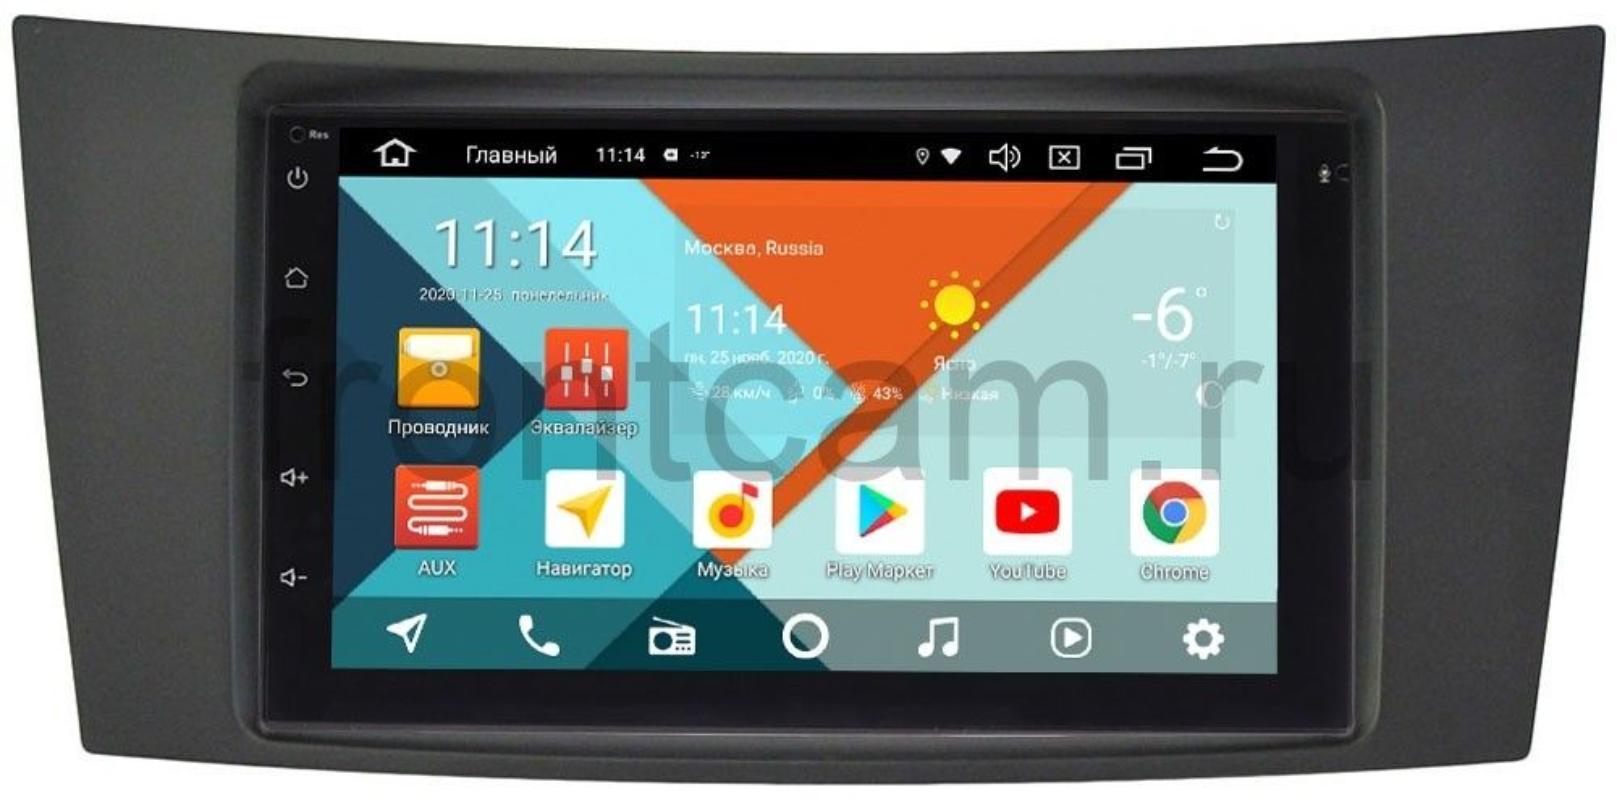 Магнитола для Mercedes E-klasse (W211) 2002-2009 Wide Media KS7001QR-3/32-RP-MREB-120 на Android 10 (DSP CarPlay 4G-SIM) (+ Камера заднего вида в подарок!)